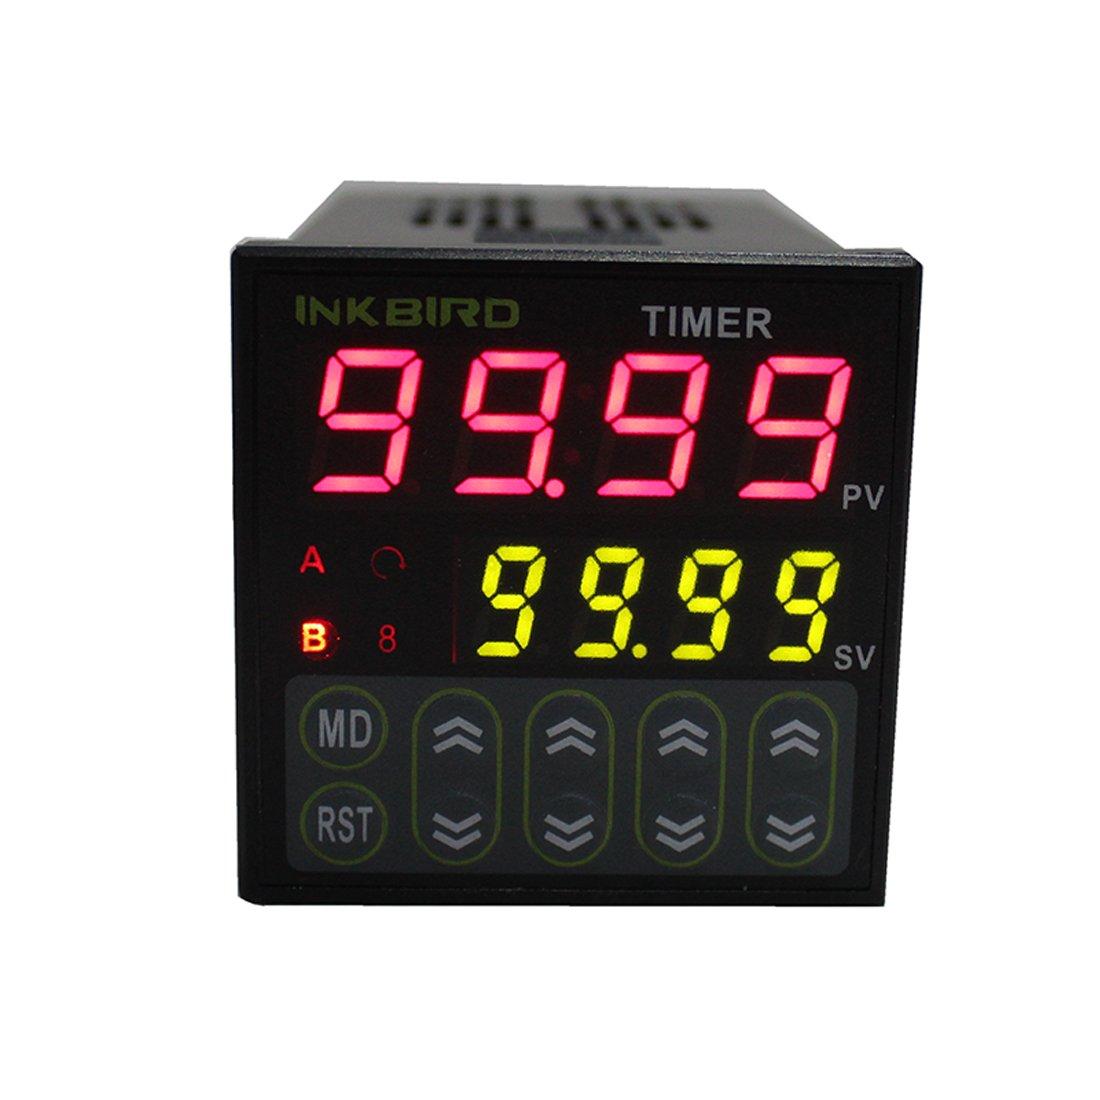 Inkbird Digital Escala Contador Tact Switch preestablecido registro 240V 220V CE IDC-S1RH